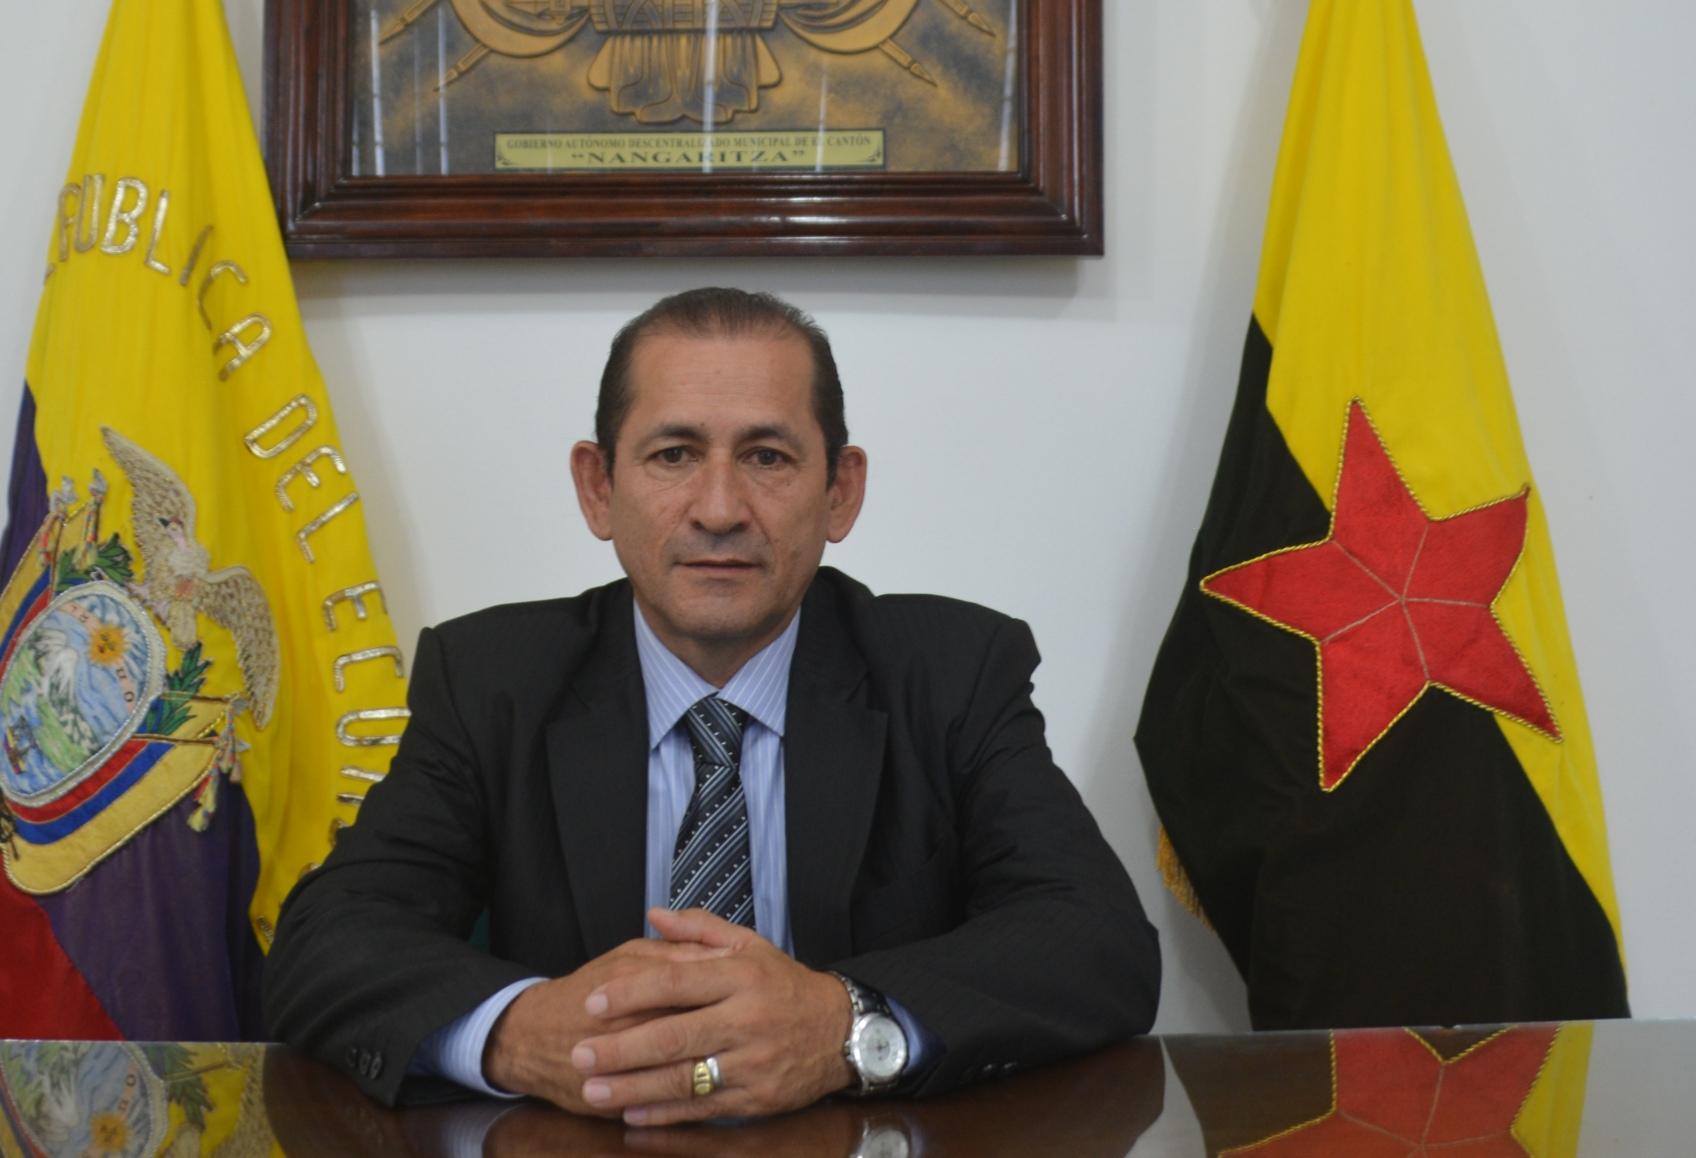 FREDY ARMIJOS INVITADO DE HONOR A NERW JERSEY (EE-UU)